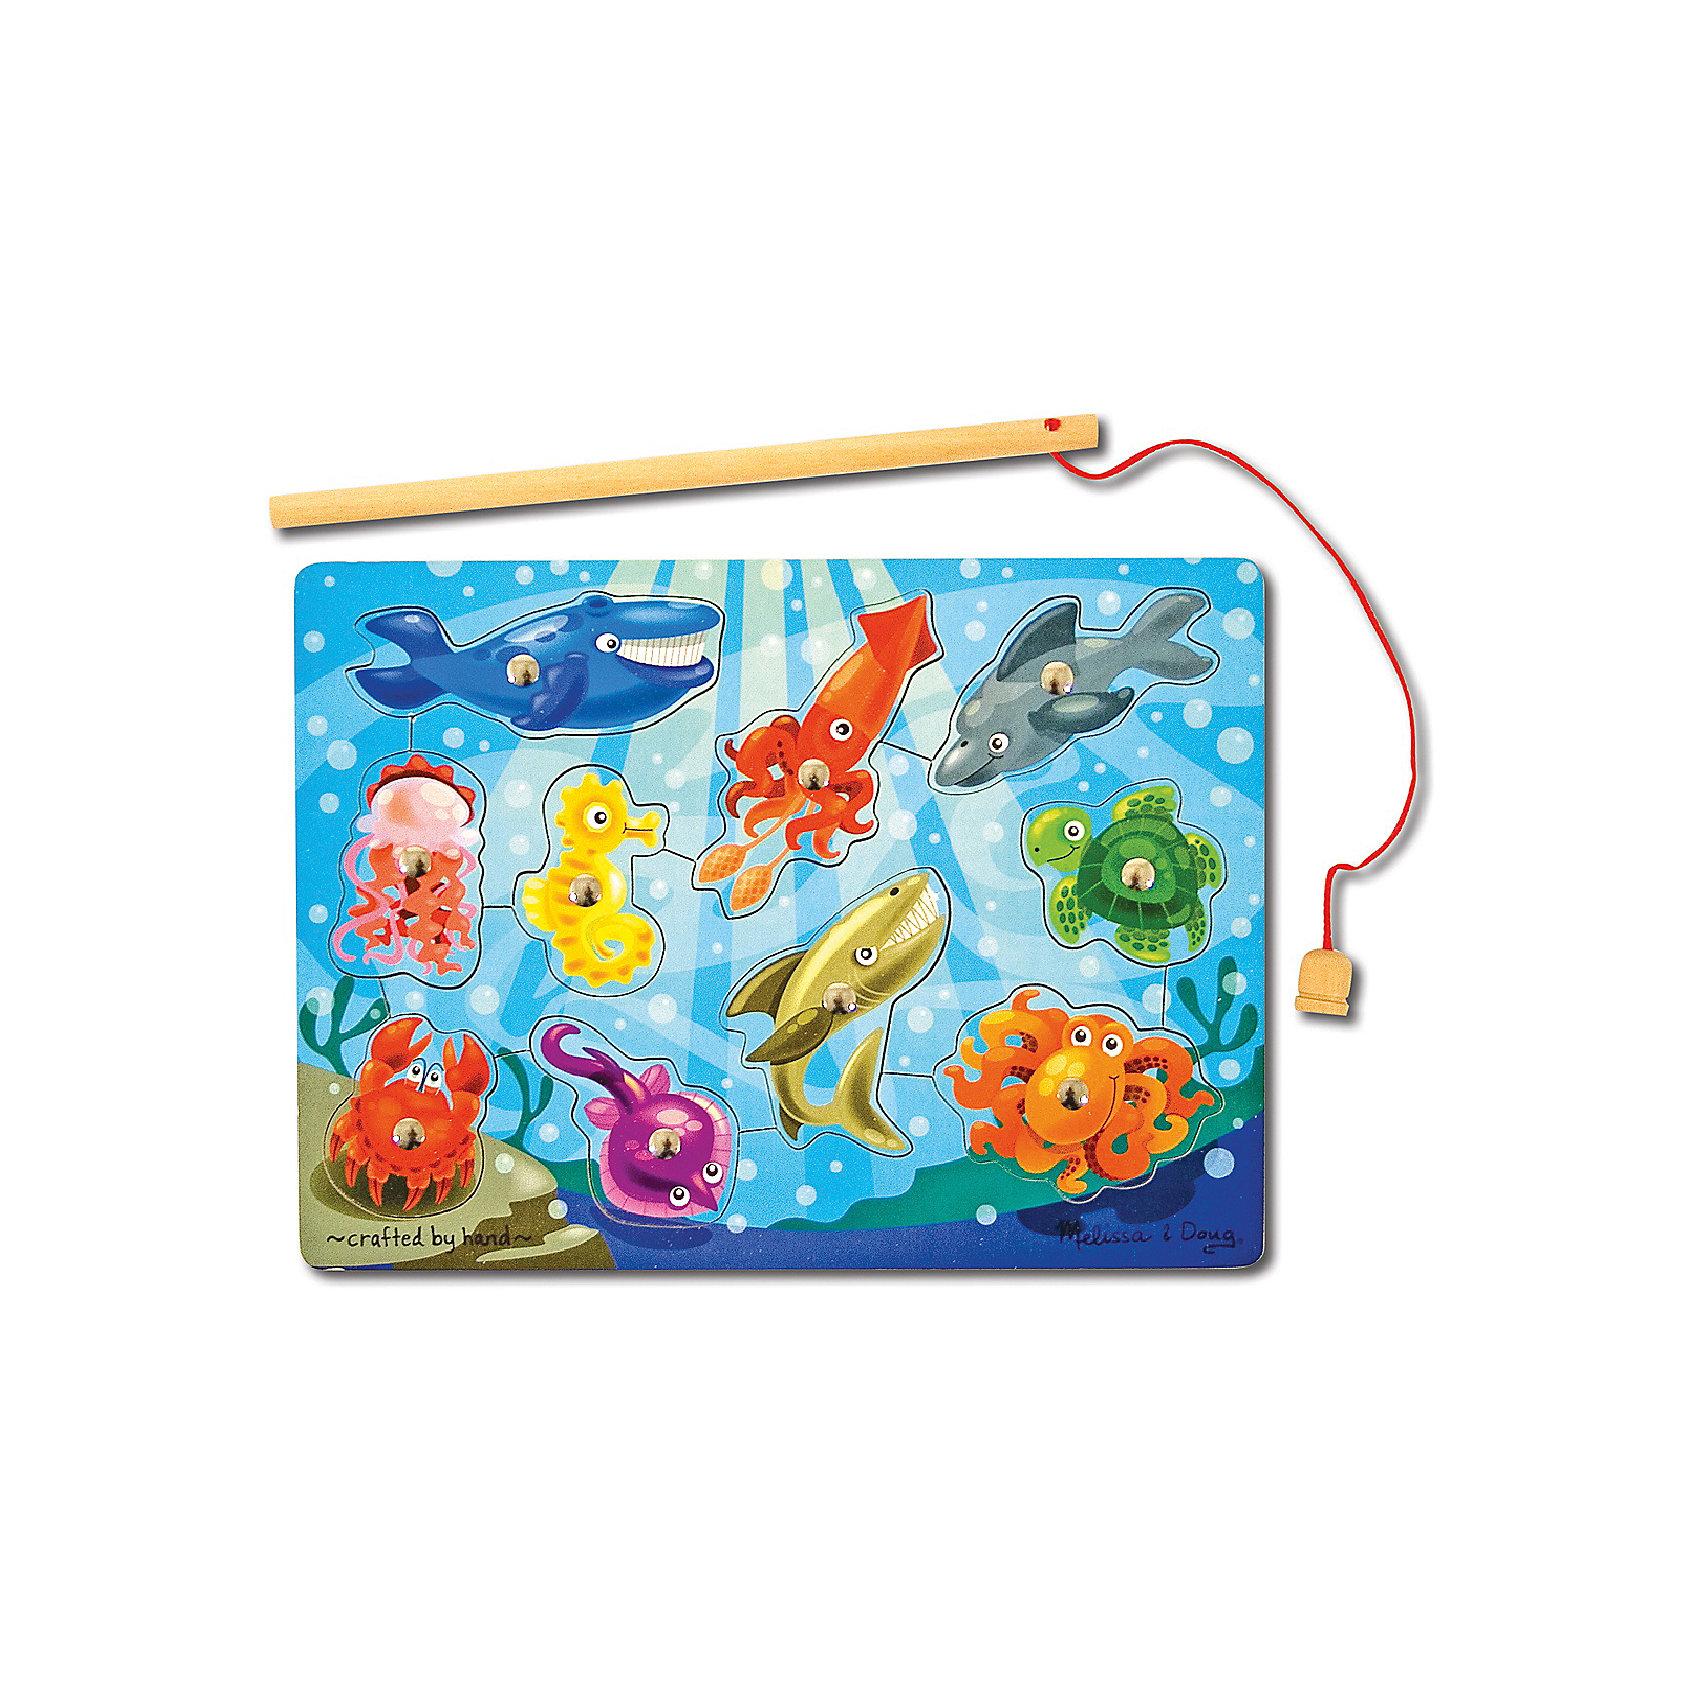 Магнитная игра Рыбалка, Melissa&amp;DougДеревянные игры и пазлы<br>Магнитная игра Рыбалка, Melissa&amp;Doug - красочная развивающая игрушка, которая познакомит Вашего малыша с разными морскими животными и рыбками.<br>Рамка- основа представляет из себя яркую картинку с изображением подводного мира. В специальные углубления вставлены детальки с различными морскими обитателями, каждая деталь строго на свое место. Цель игры -  при помощи магнитной удочки вынимать детали-рыбок из основы, а затем возвращать на свое место. <br><br>На каждой детали прикреплен магнит, что позволяет малышу легко и просто вылавливать рыбок из моря. Все детали игры качественно обработаны и окрашены безопасными красителями. Игра развивает координацию движений, мелкую моторику, внимание, навыки начального счета и логическое мышление.<br><br>Дополнительная информация:<br><br>- Материал: дерево, металл. <br>- Размер упаковки: 2,5 х 23 х 30,5 см. <br>- Вес: 0,5 кг.<br> <br>Магнитную игру Рыбалка, Melissa&amp;Doug, можно купить в нашем интернет-магазине.<br><br>Ширина мм: 10<br>Глубина мм: 220<br>Высота мм: 290<br>Вес г: 450<br>Возраст от месяцев: 36<br>Возраст до месяцев: 72<br>Пол: Унисекс<br>Возраст: Детский<br>SKU: 2401077